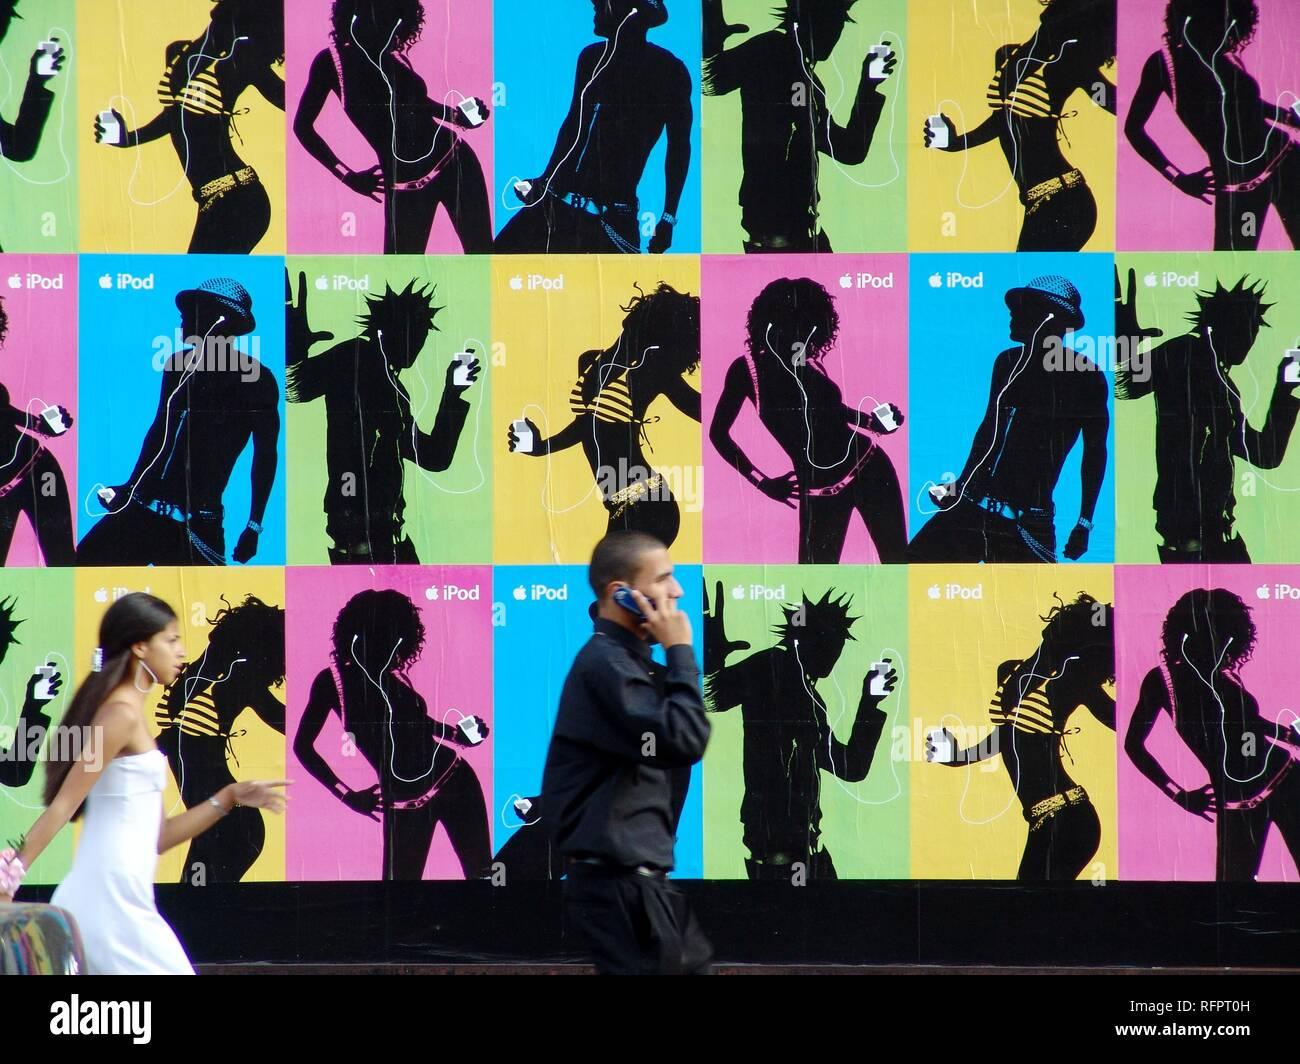 USA, United States of America, New York City: Ville de large publicité pour Apple iPod MP3 player, des panneaux publicitaires. Banque D'Images